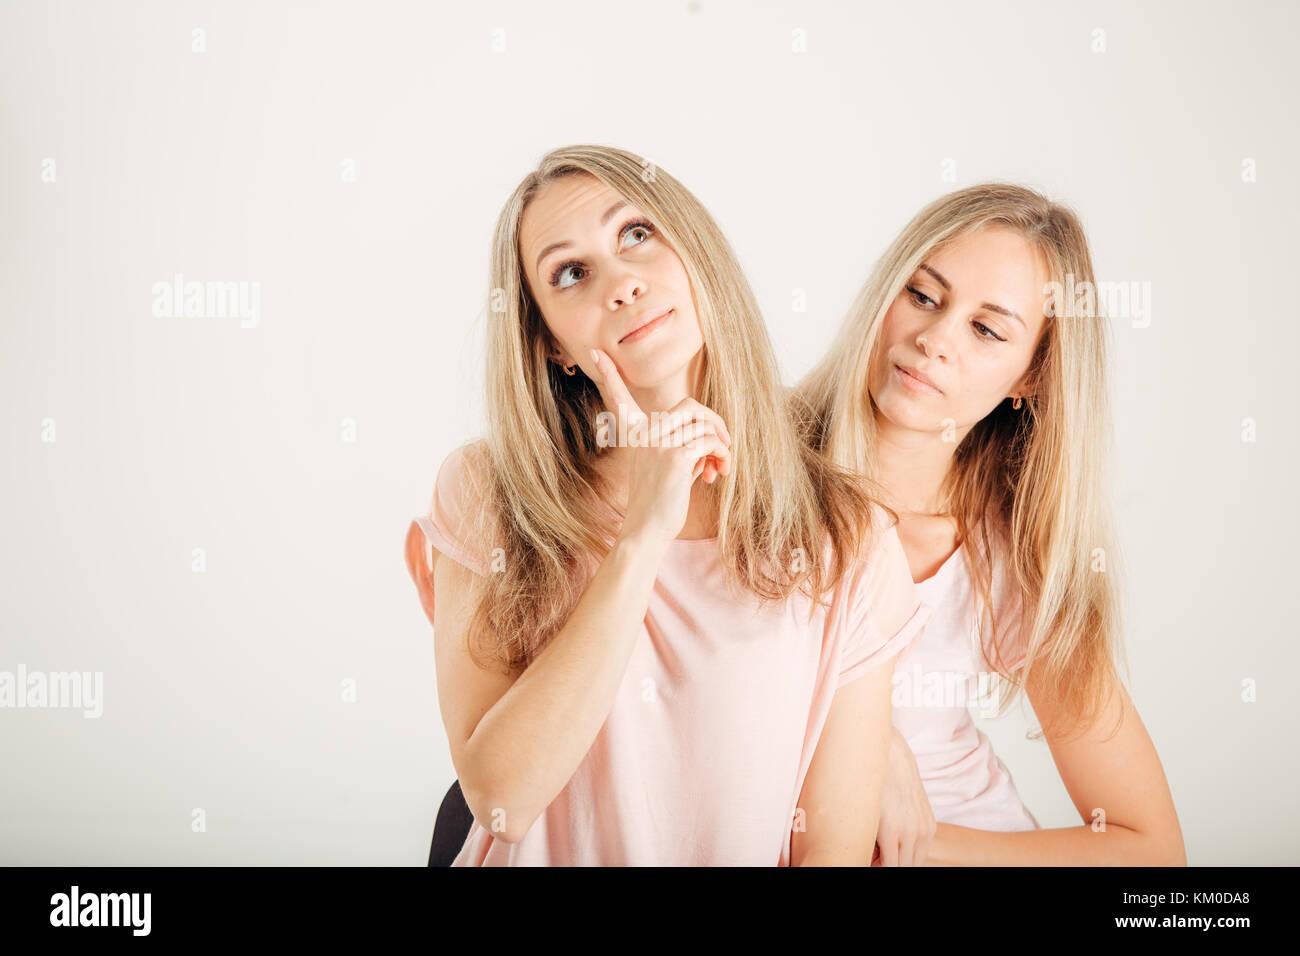 Giovane donna pensando idea. sorelle migliori amici gemelli. divertente modello fresco Immagini Stock